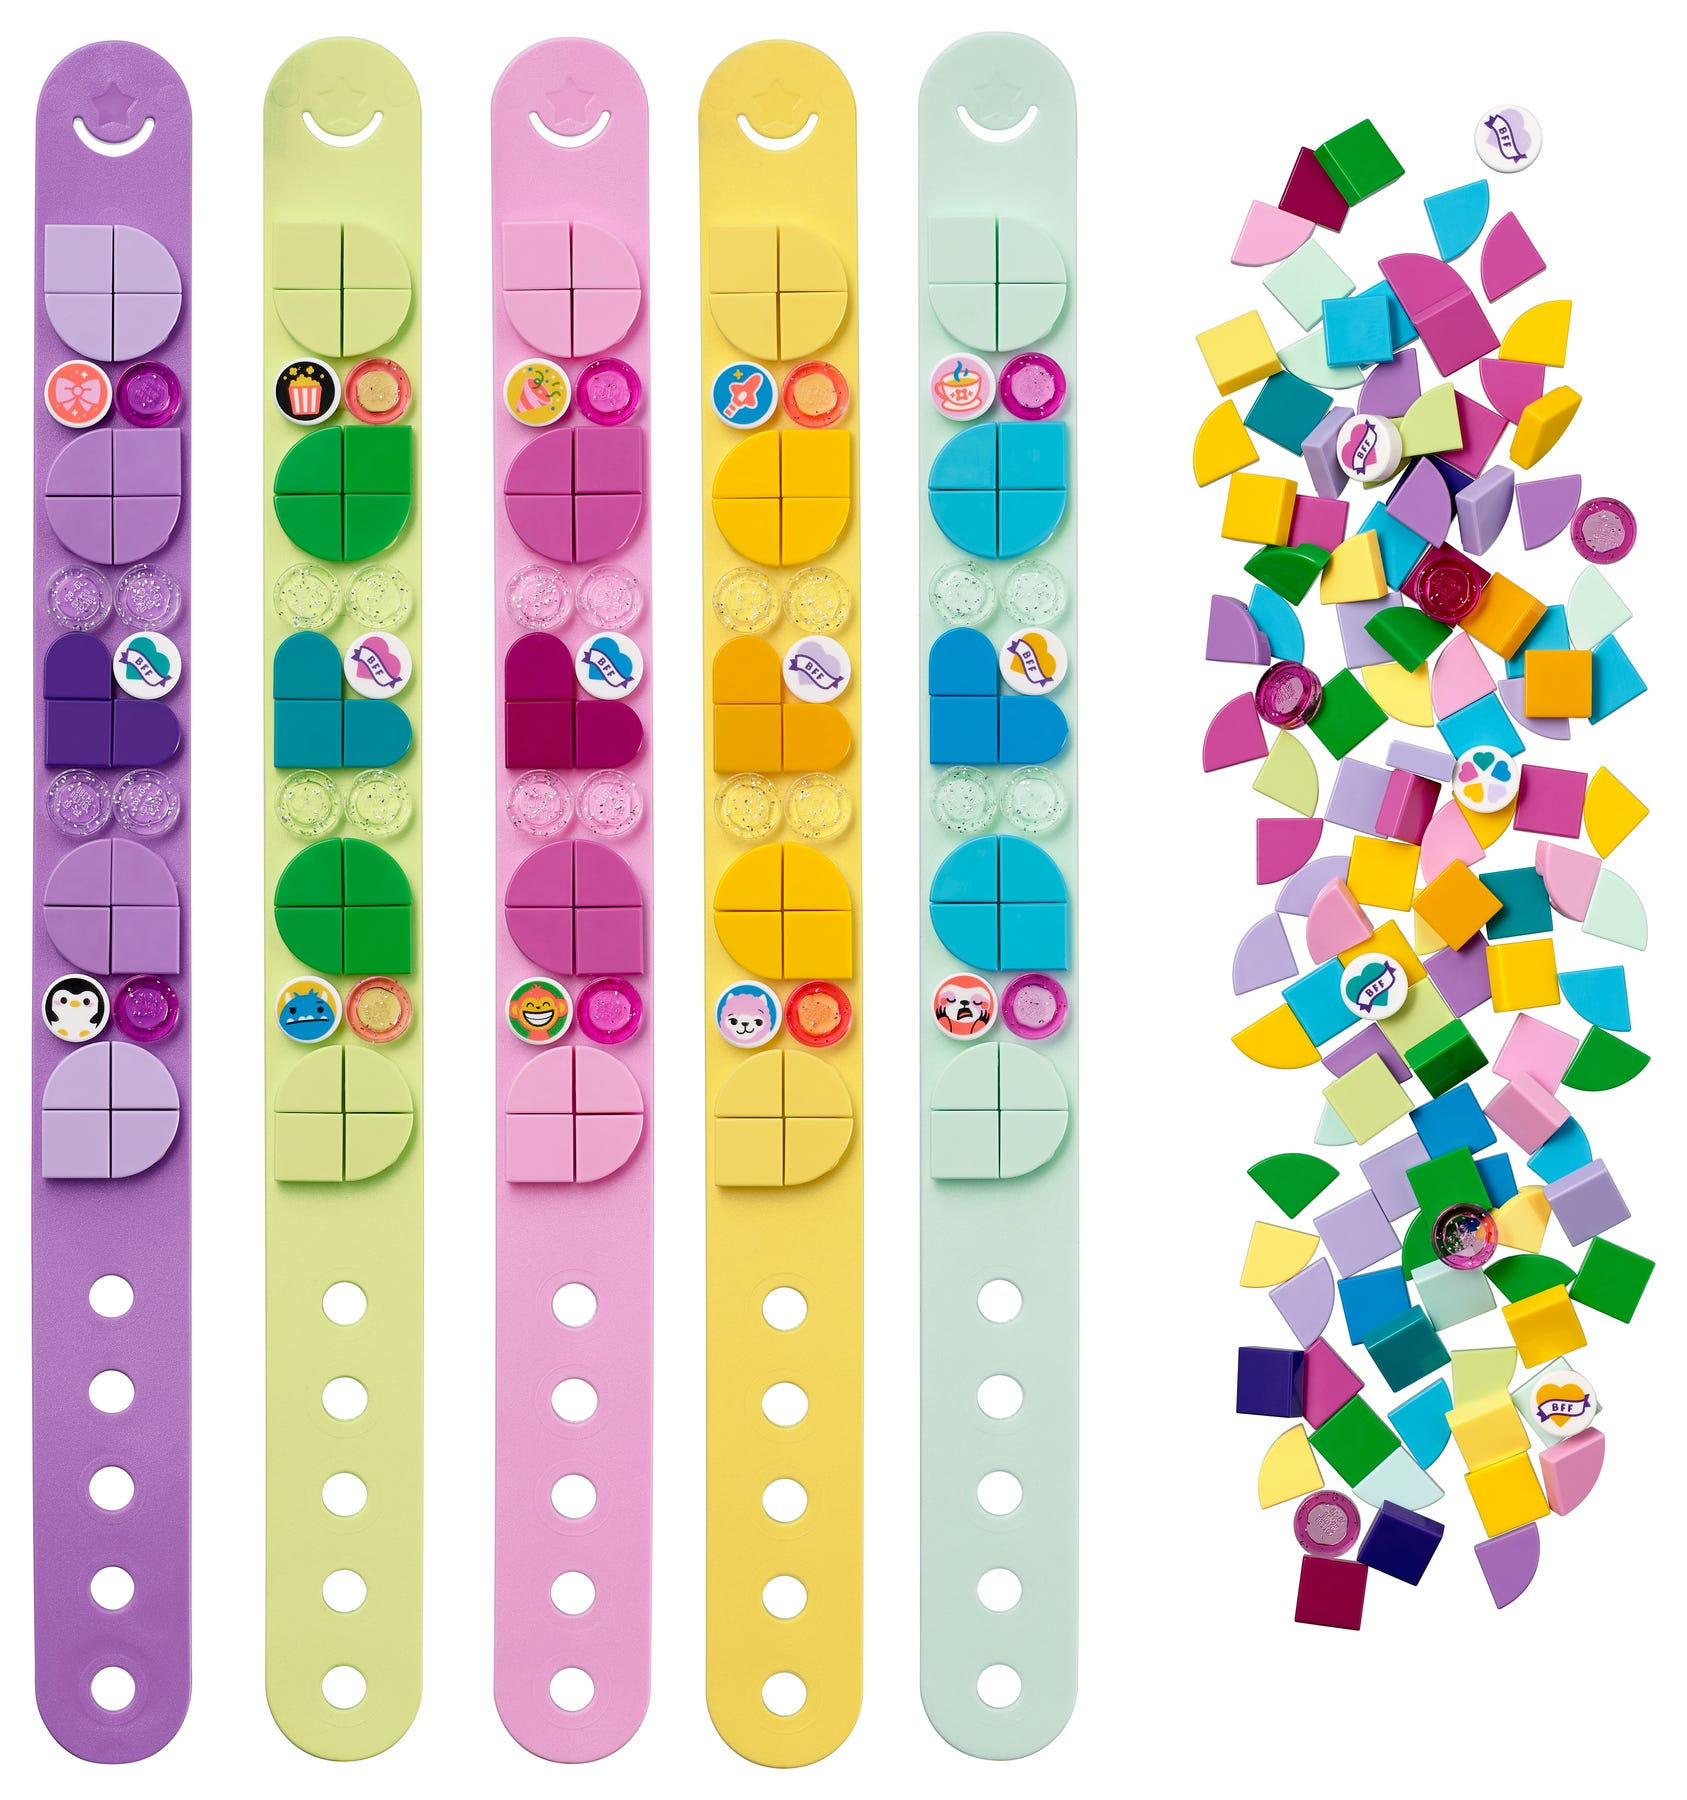 LEGO DOTS Bracelet Mega Pack 41913 Craft Set